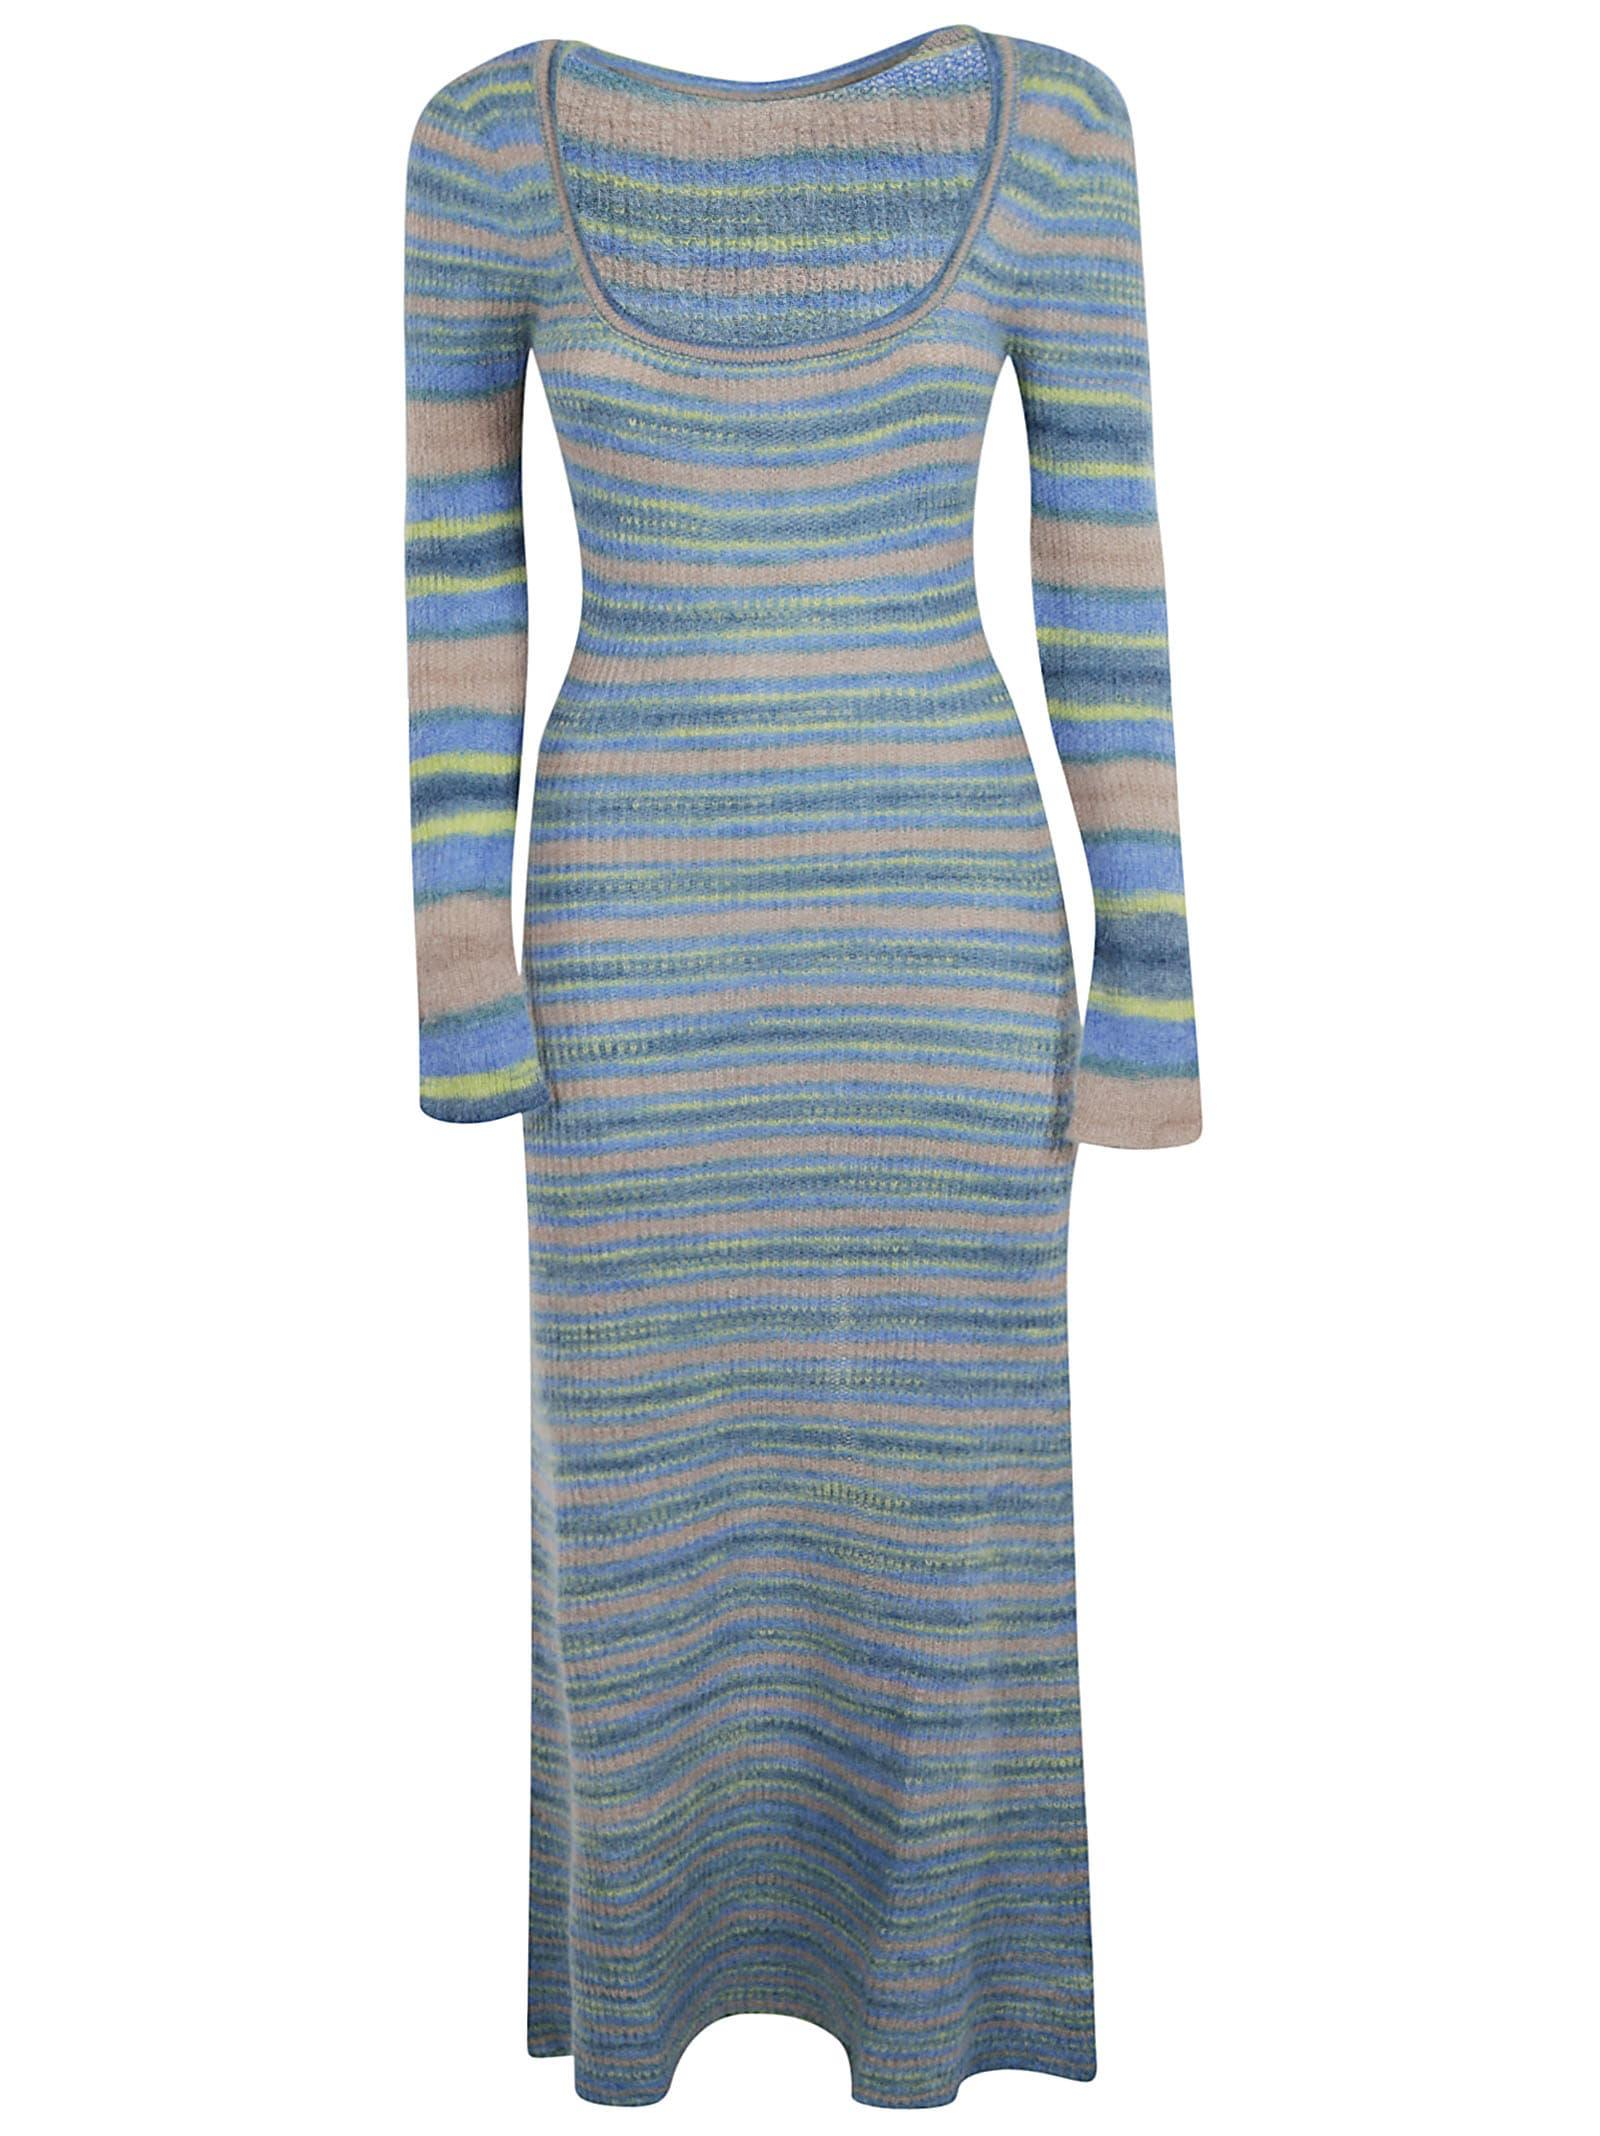 Jacquemus La Robe Perou Dress